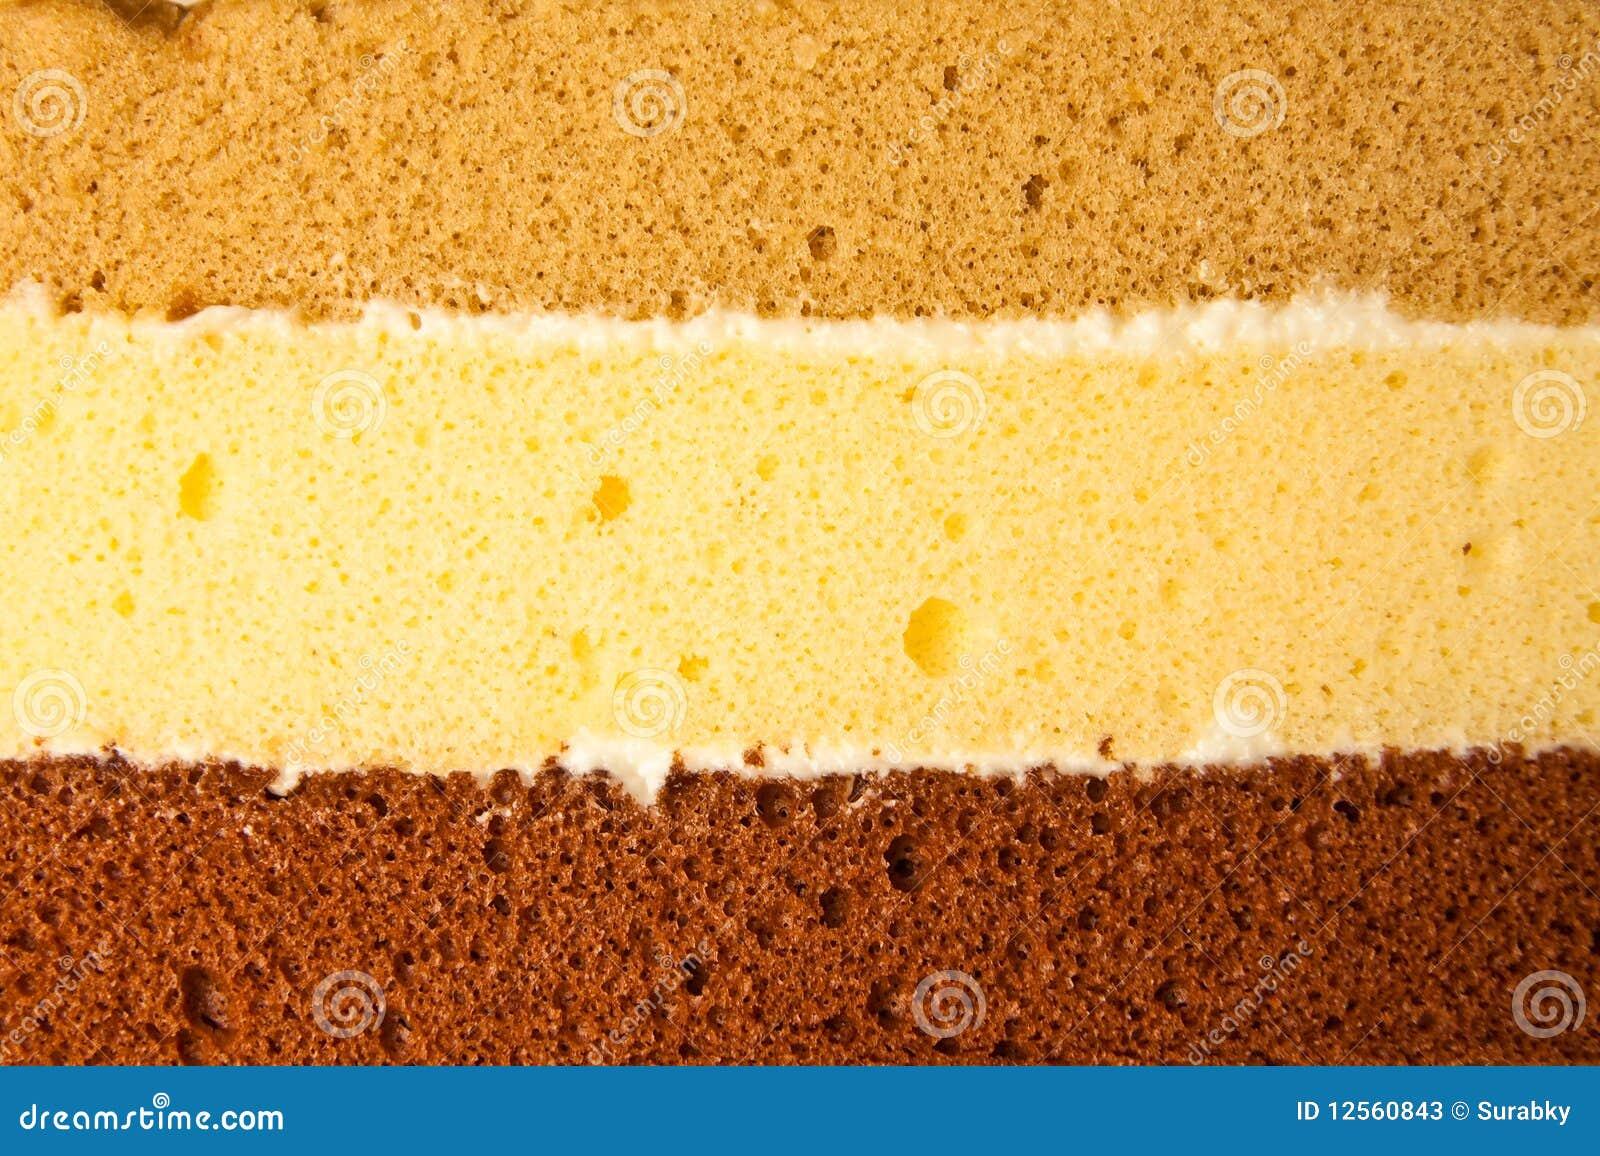 蛋糕分层堆积三